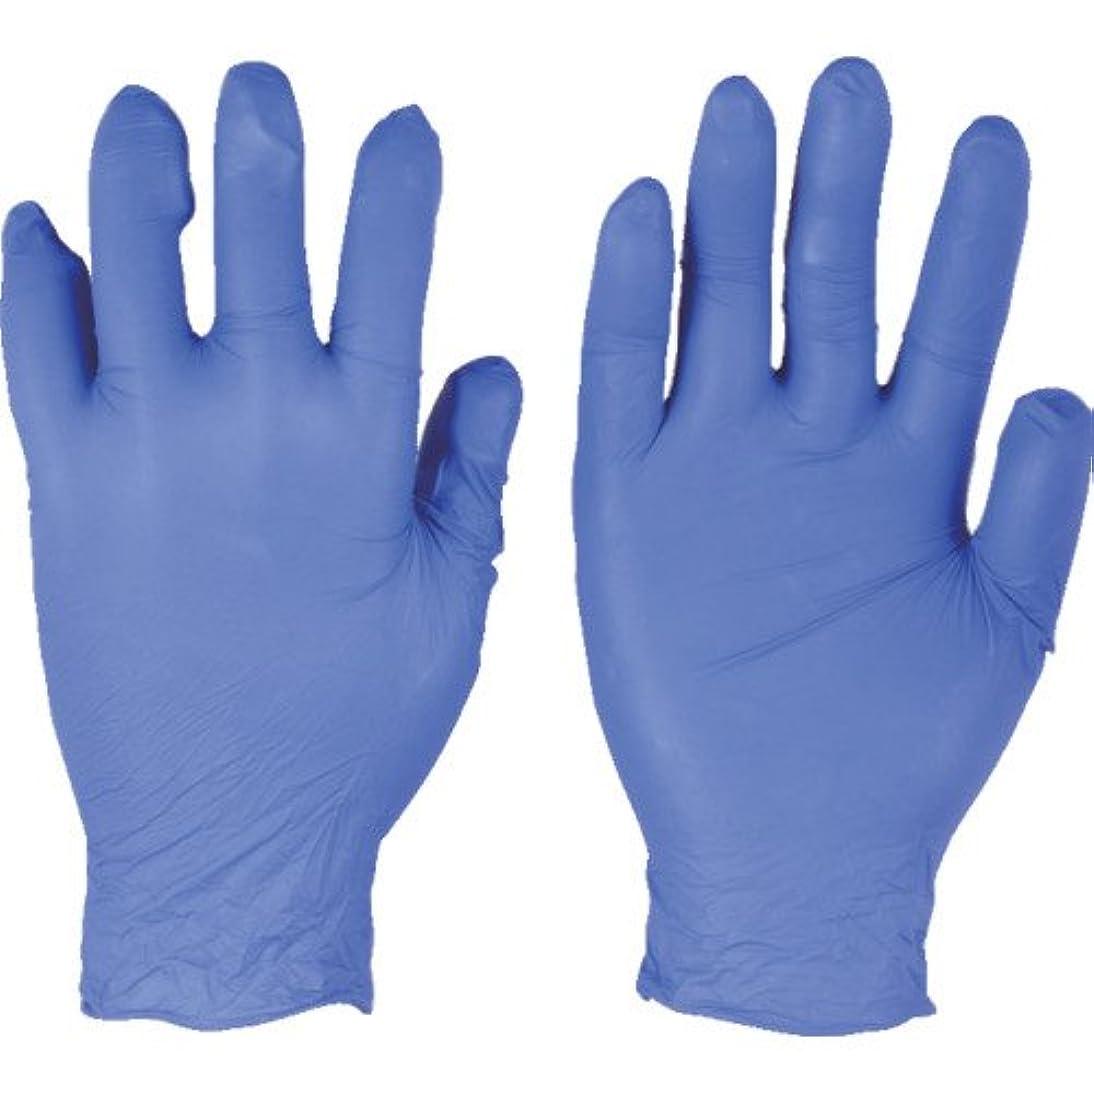 費やす潤滑する鉱夫トラスコ中山 アンセル ニトリルゴム使い捨て手袋 エッジ 82-133 Mサイズ(300枚入り)  (300枚入) 821338